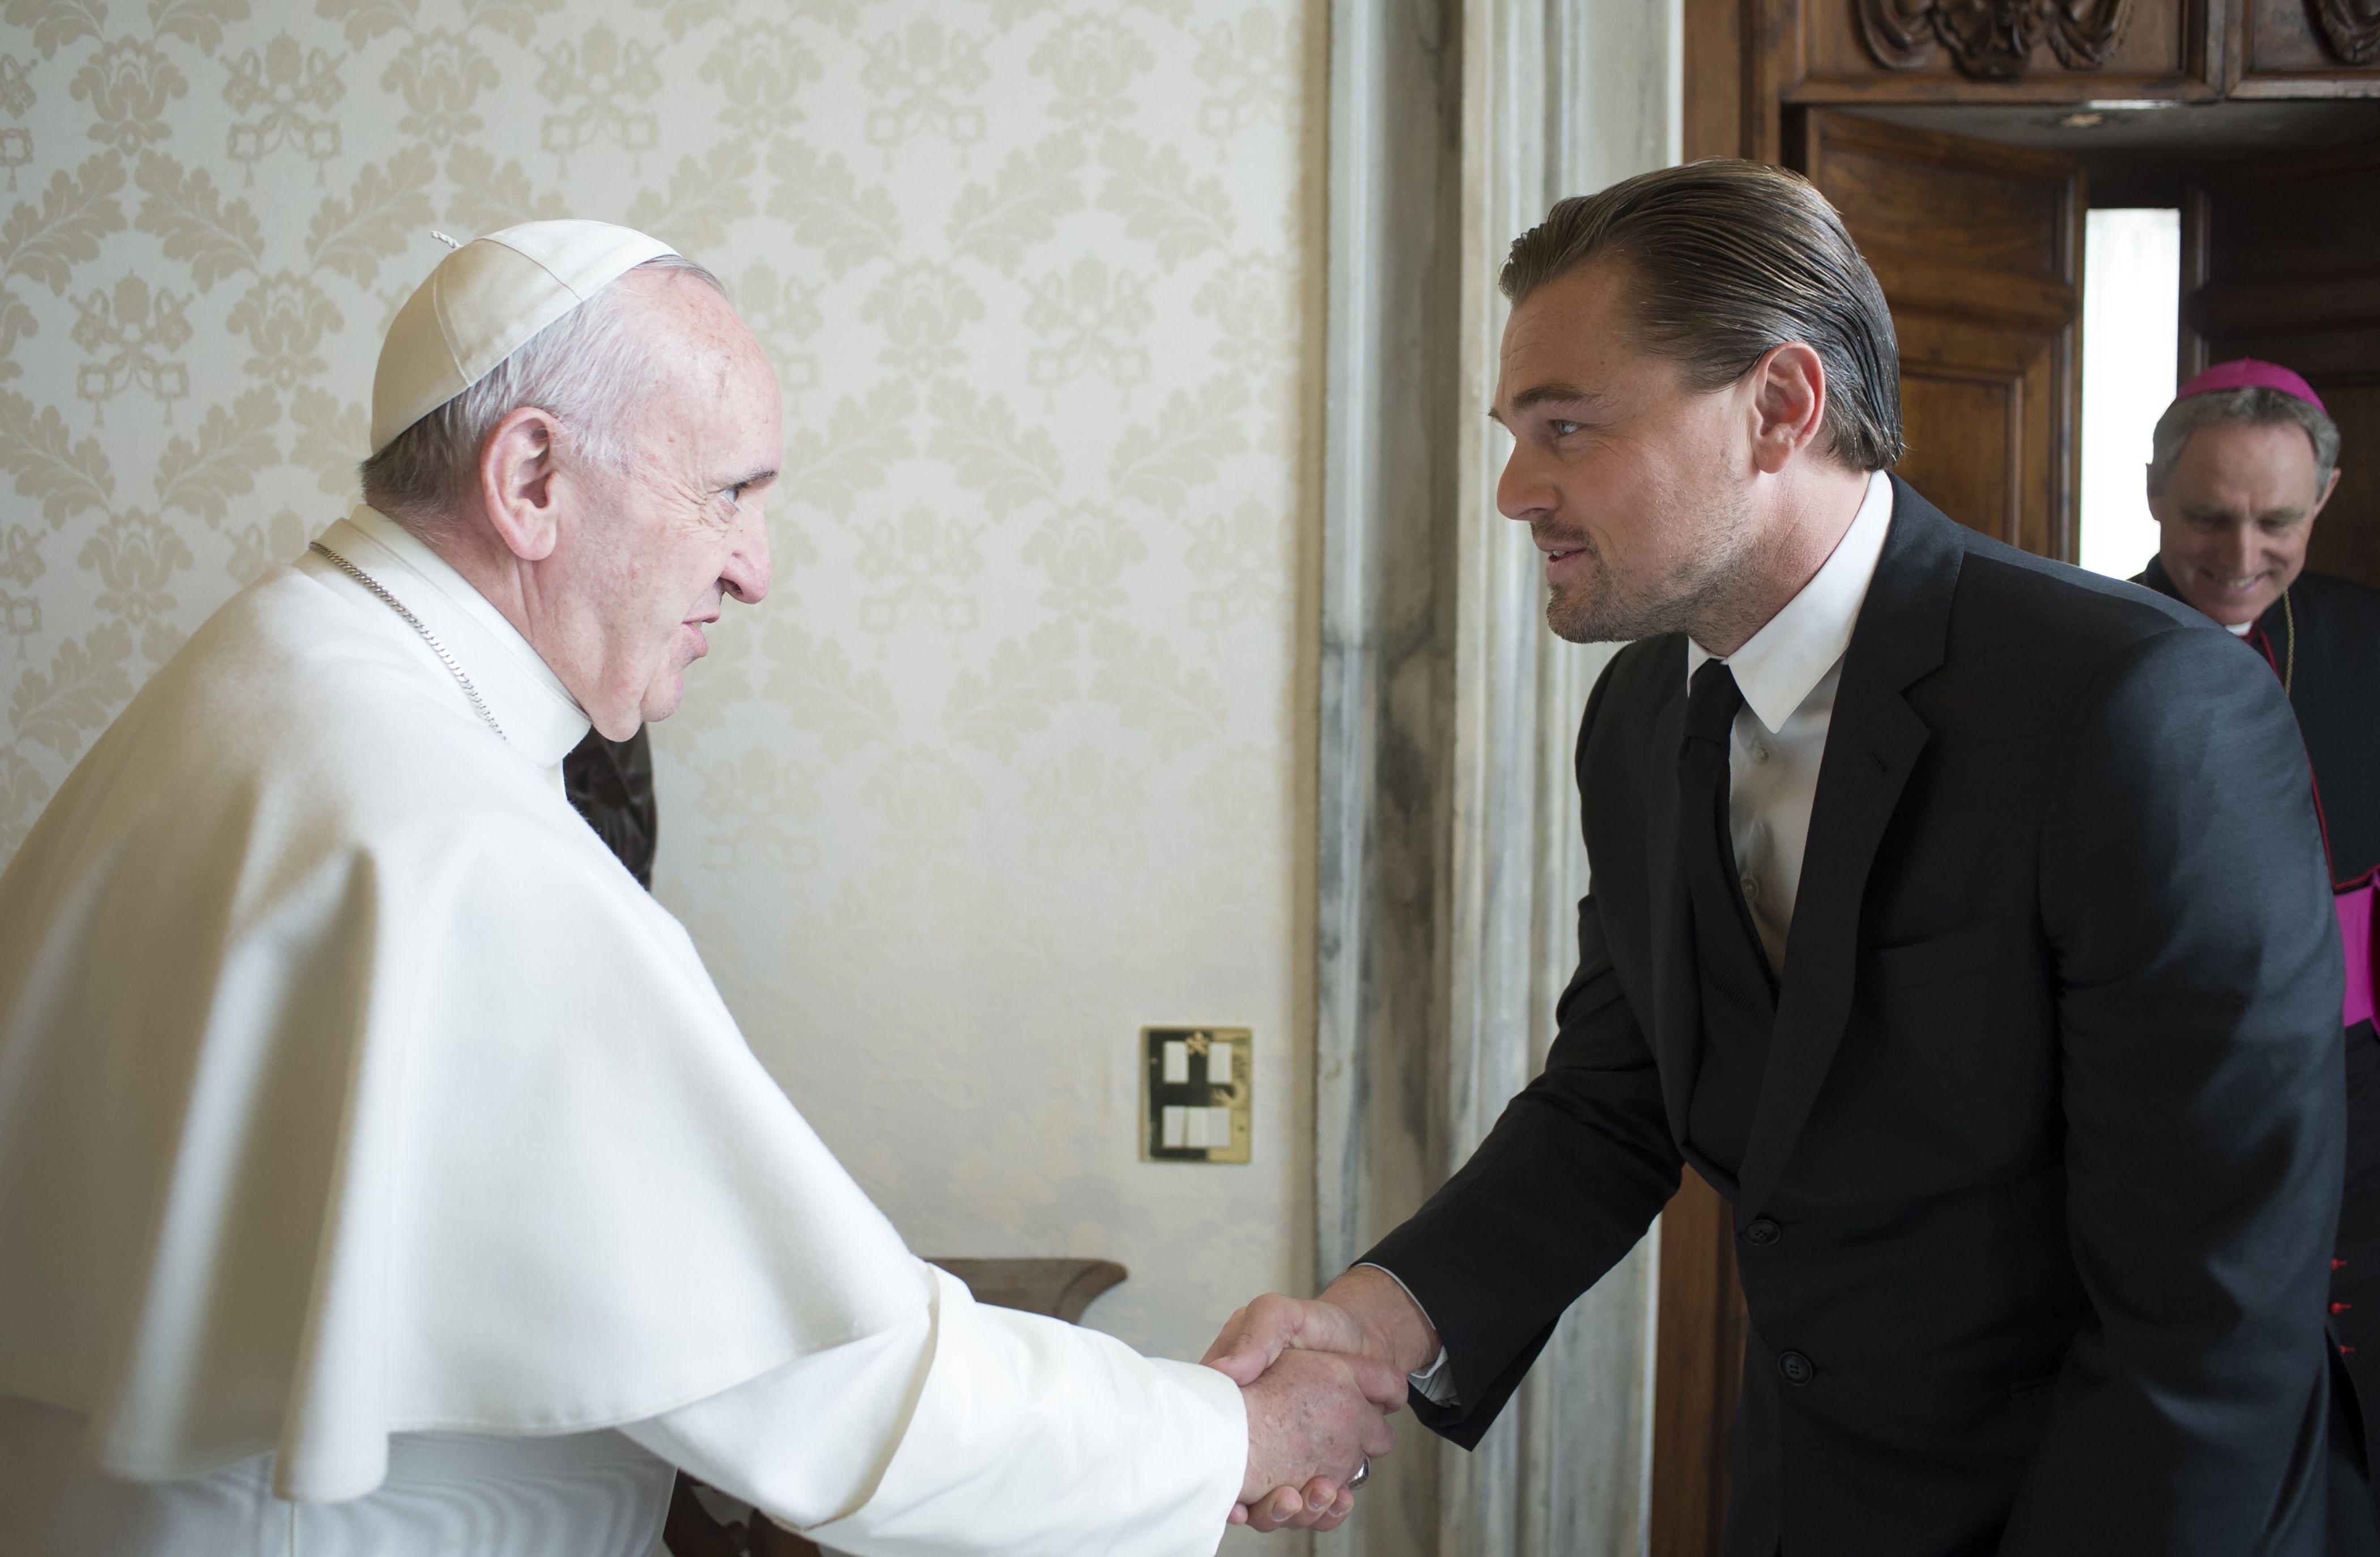 Папа Римський прийняв Леонардо Ді Капріо у Ватикані - фото 1